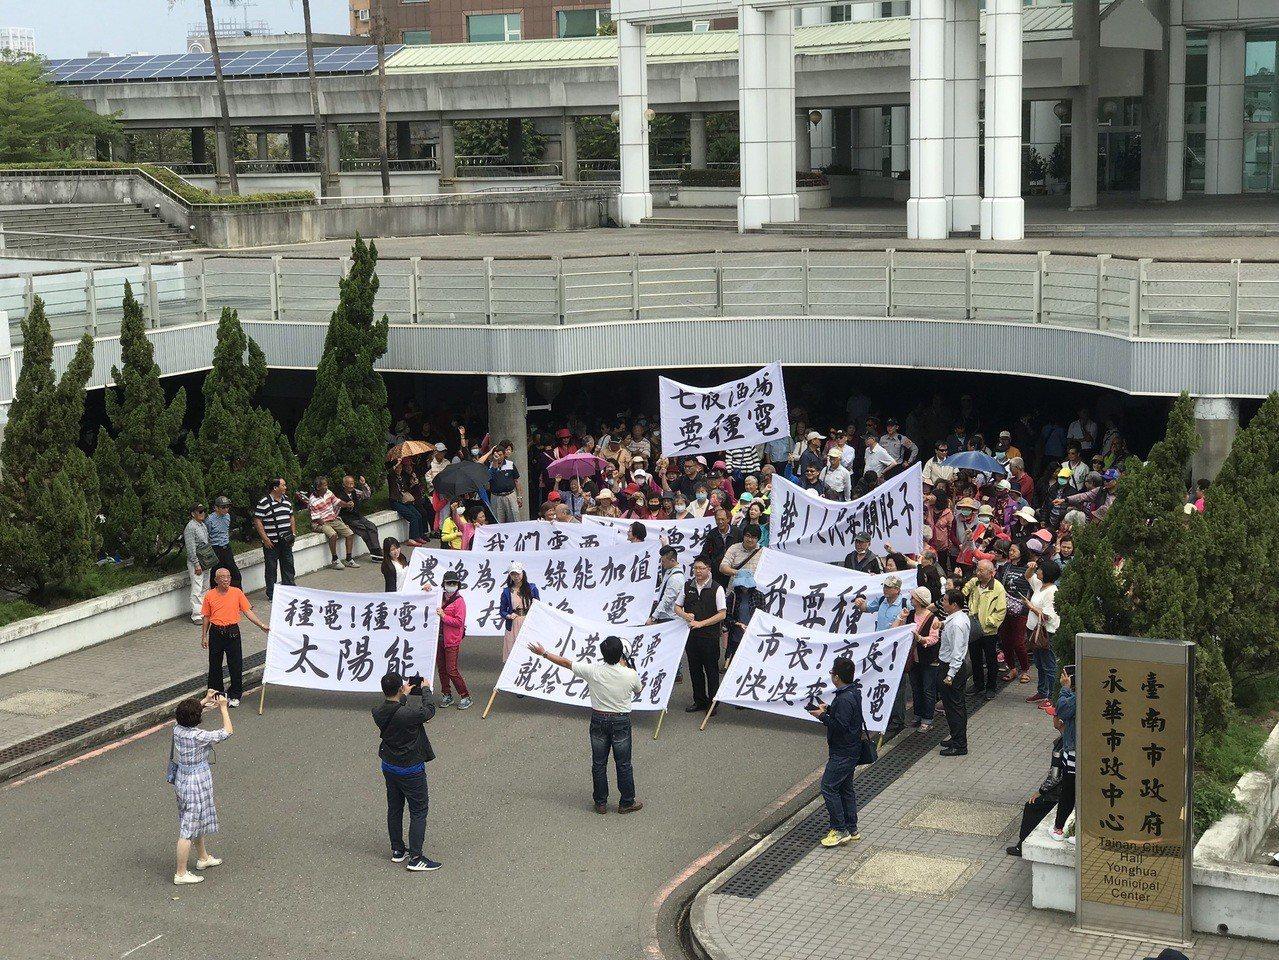 台南七股養殖漁民與地主今天到市府前抗議,要求盡快通過漁電共生綠能案。圖/漁民提供